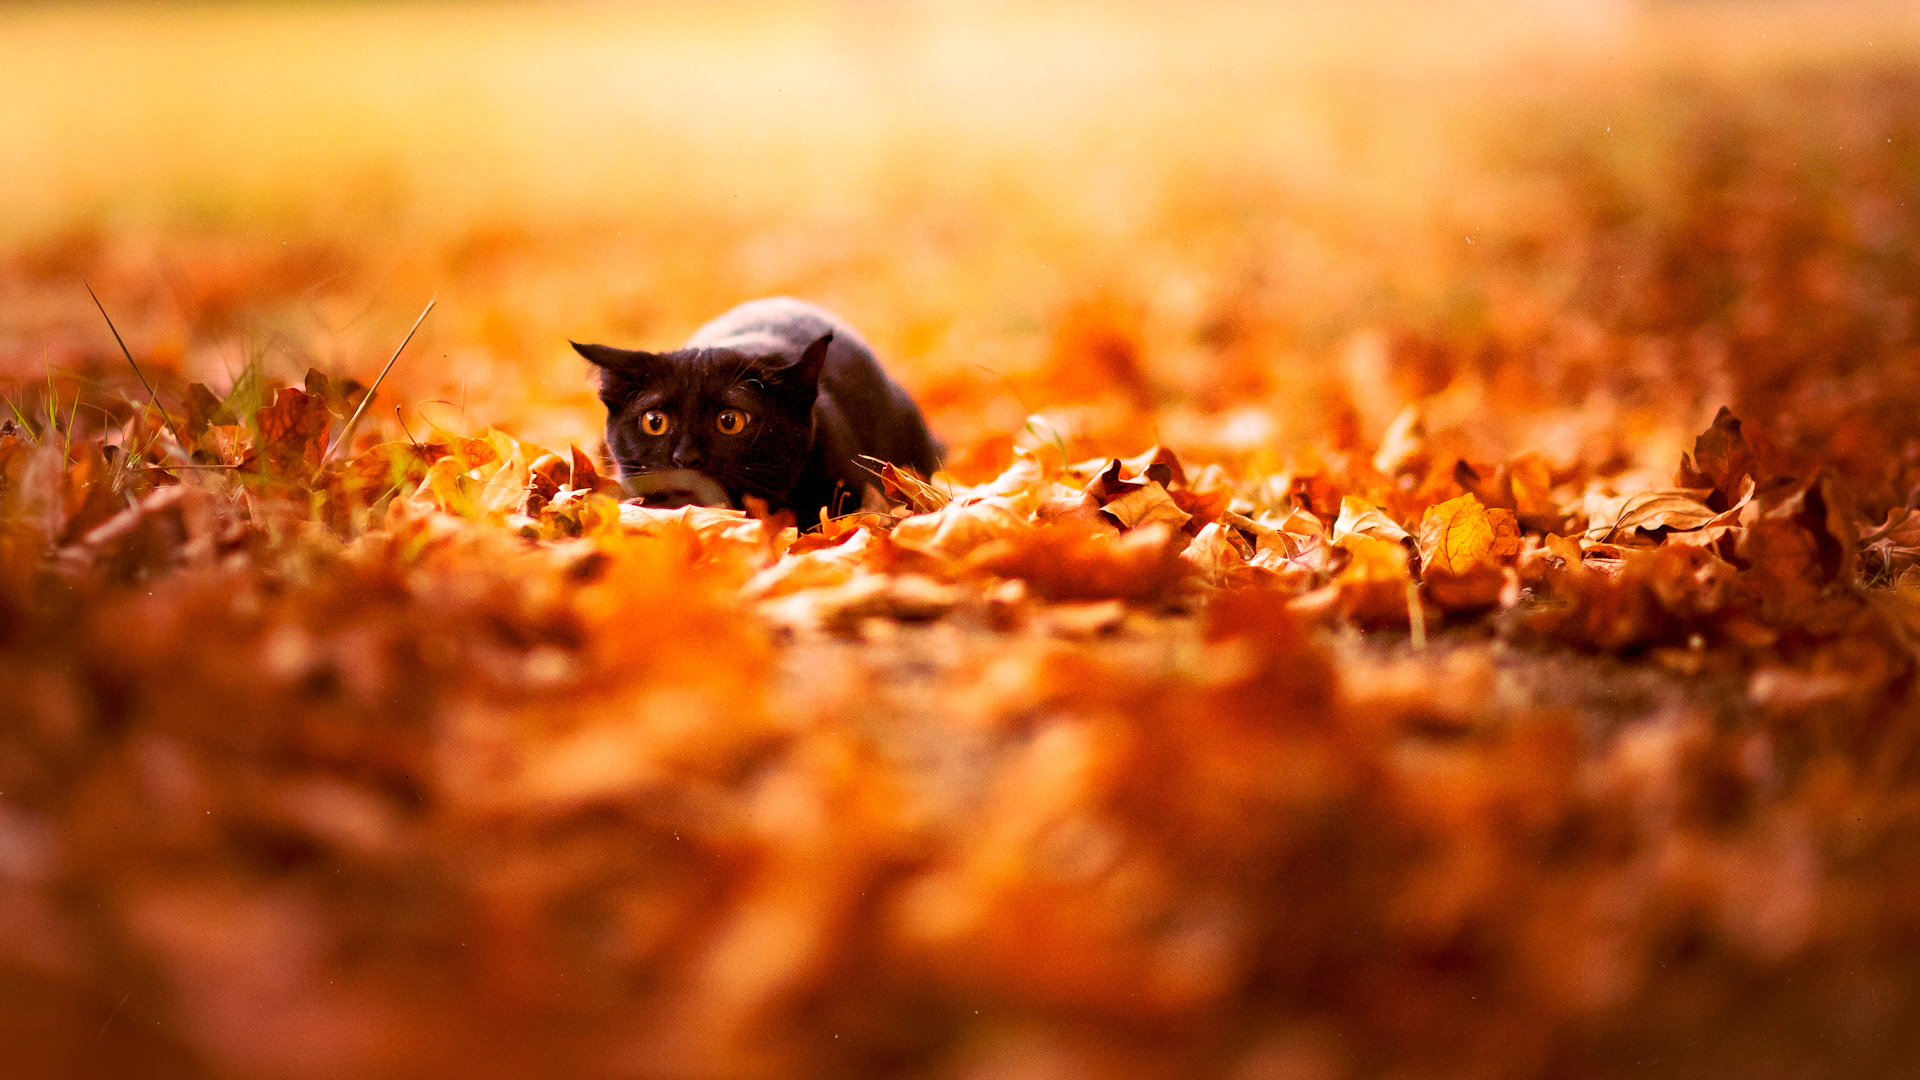 Обои на раб стол животные осенью